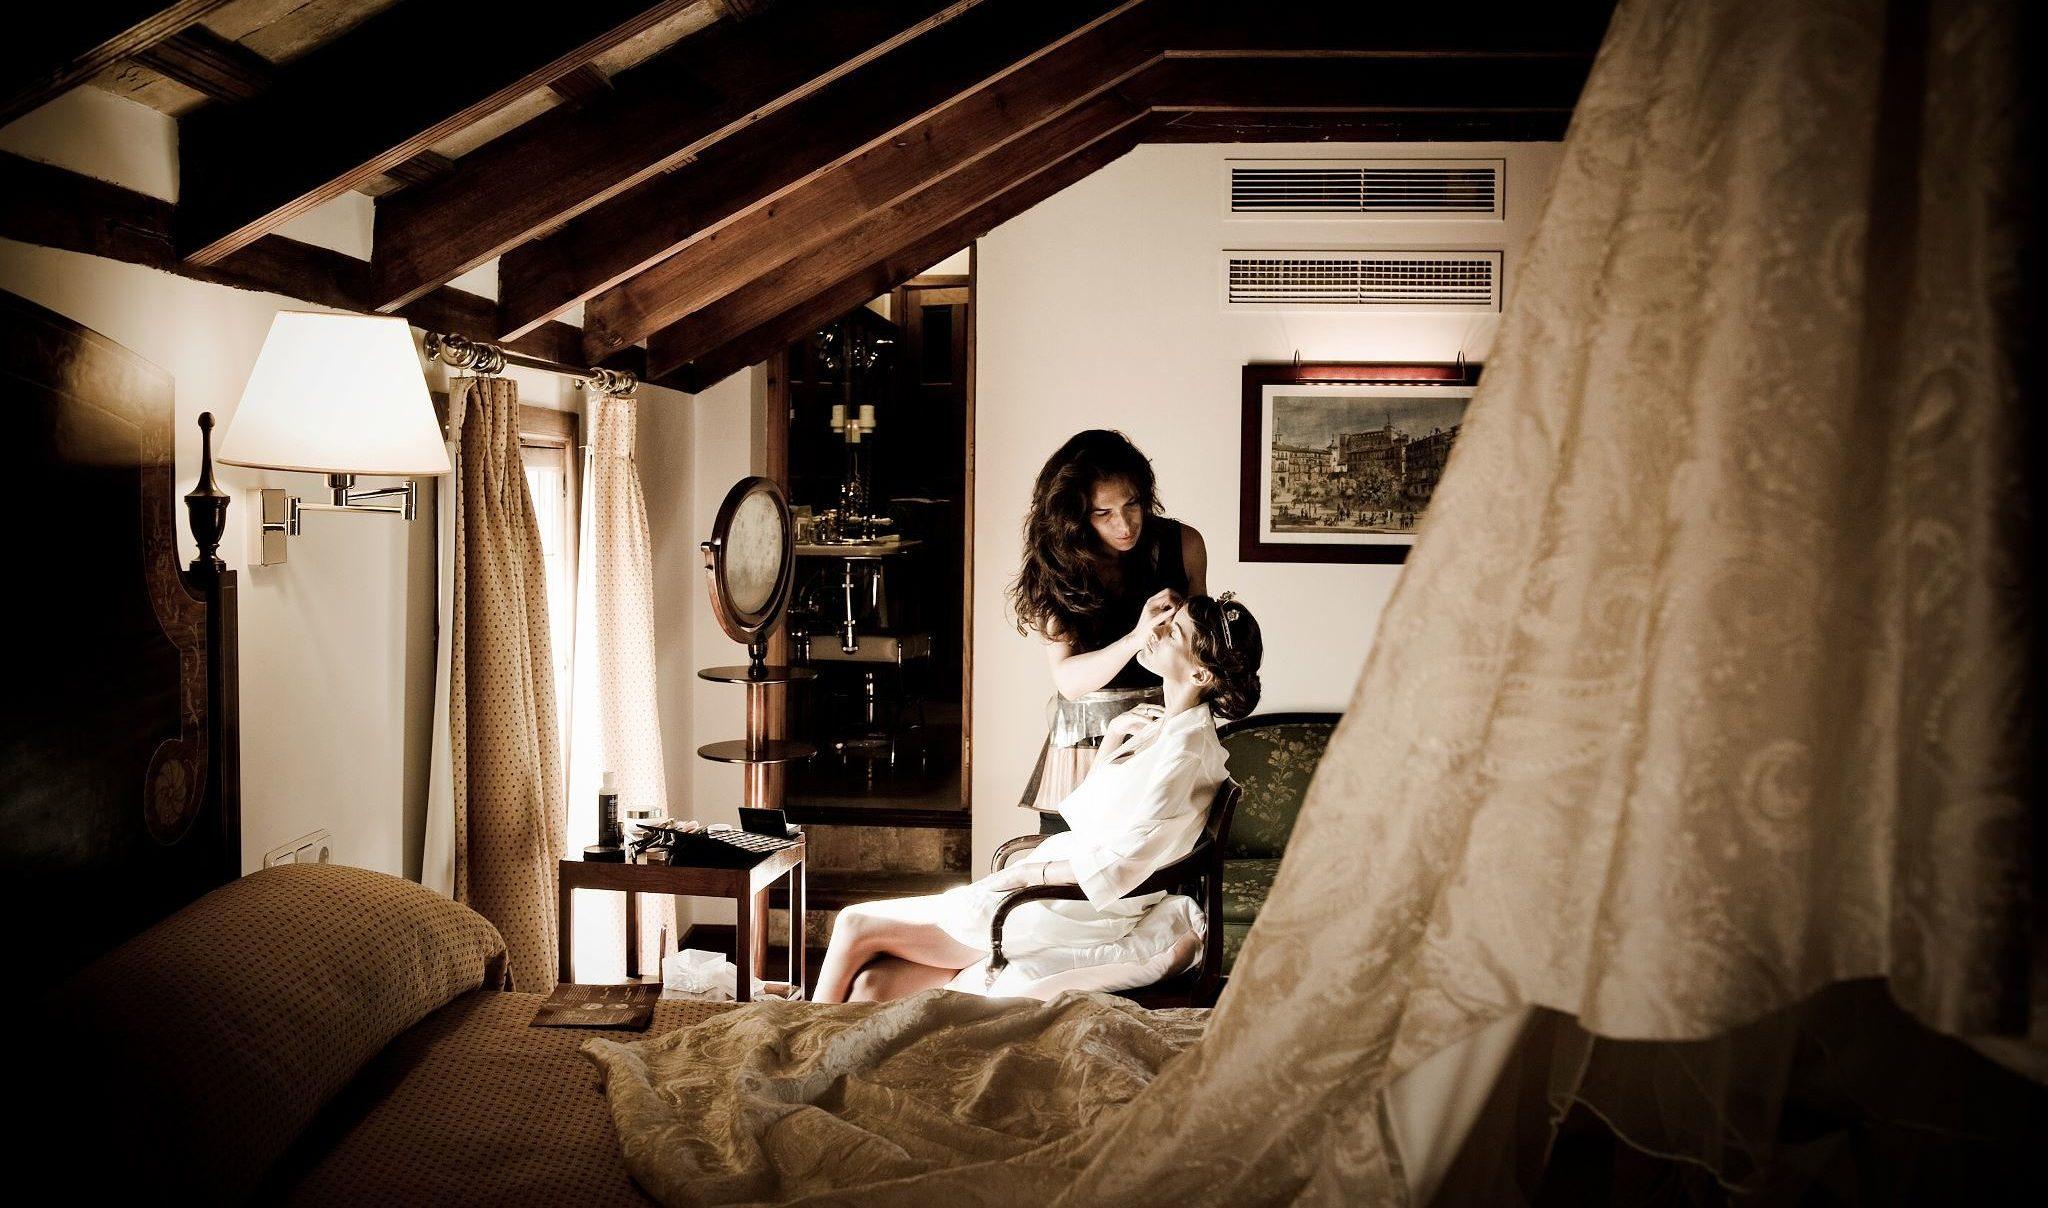 maquilladora profesional a domicilio de bodas y eventos en Sevilla y Andalucía Luisa Portales Make up Artits